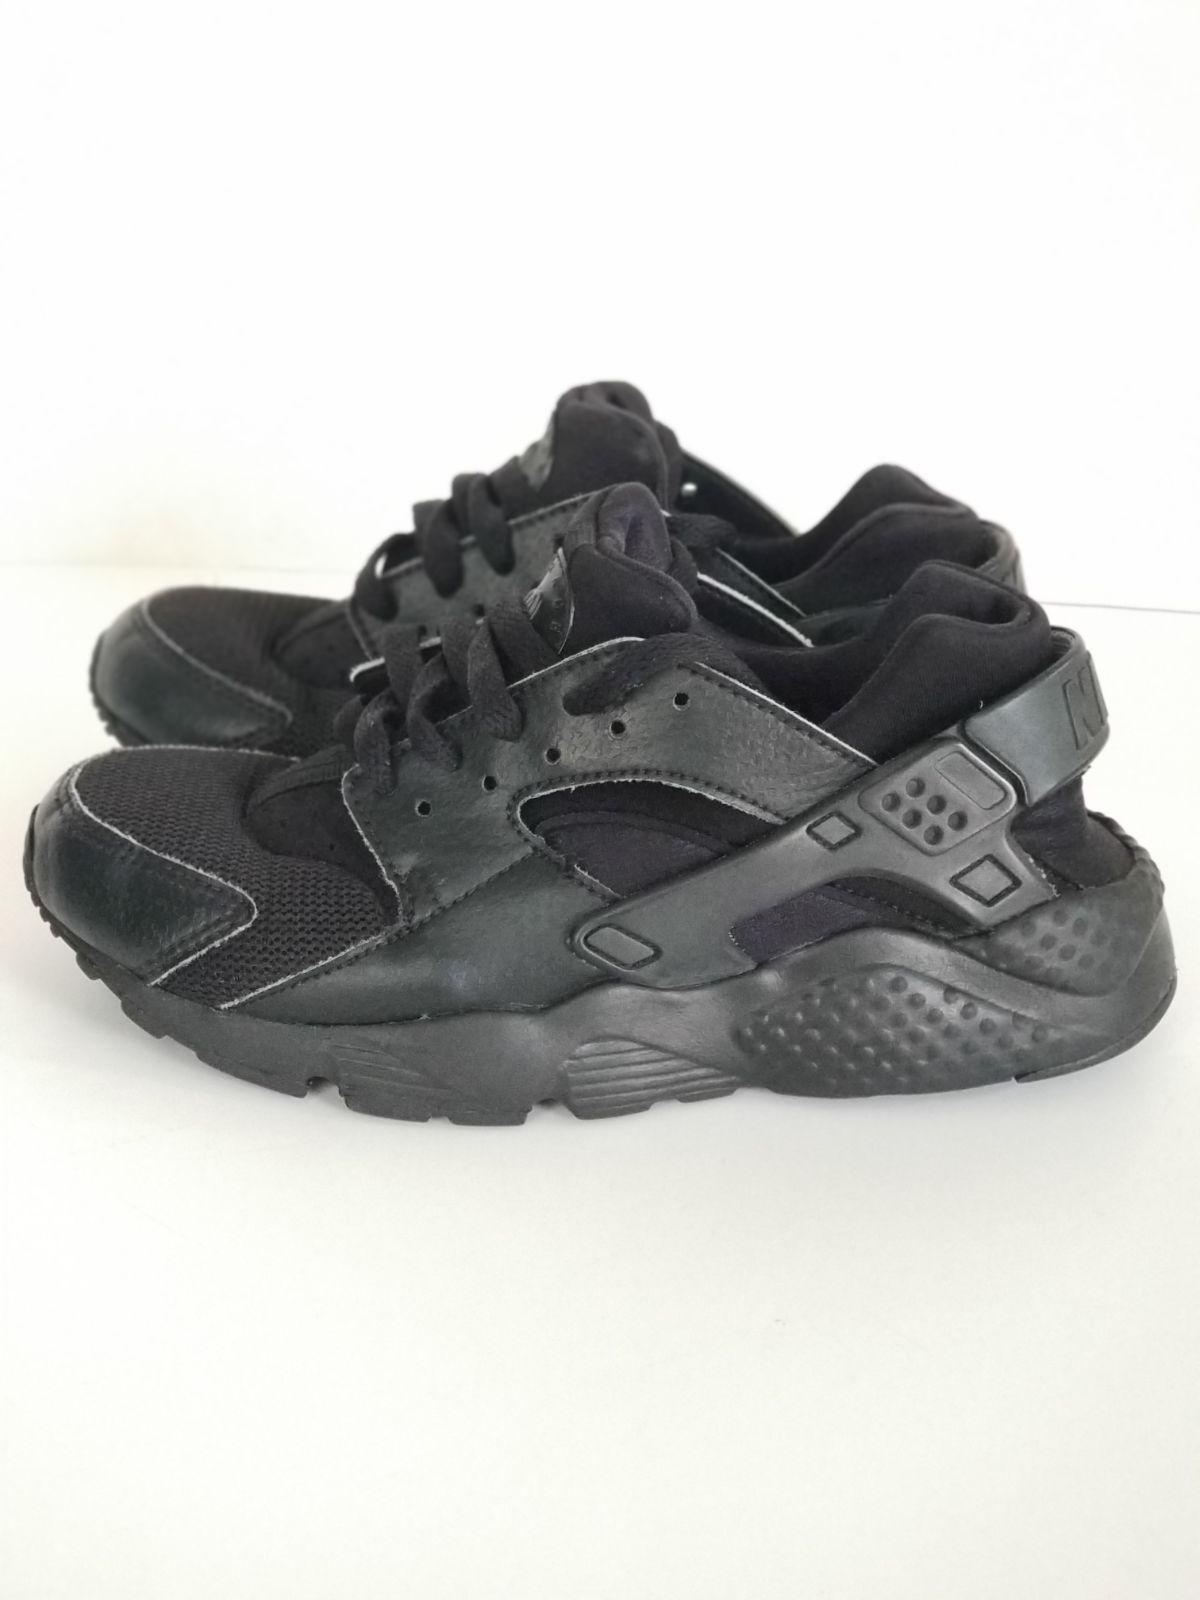 Nike Huaraches Big Kids Run Shoes Size